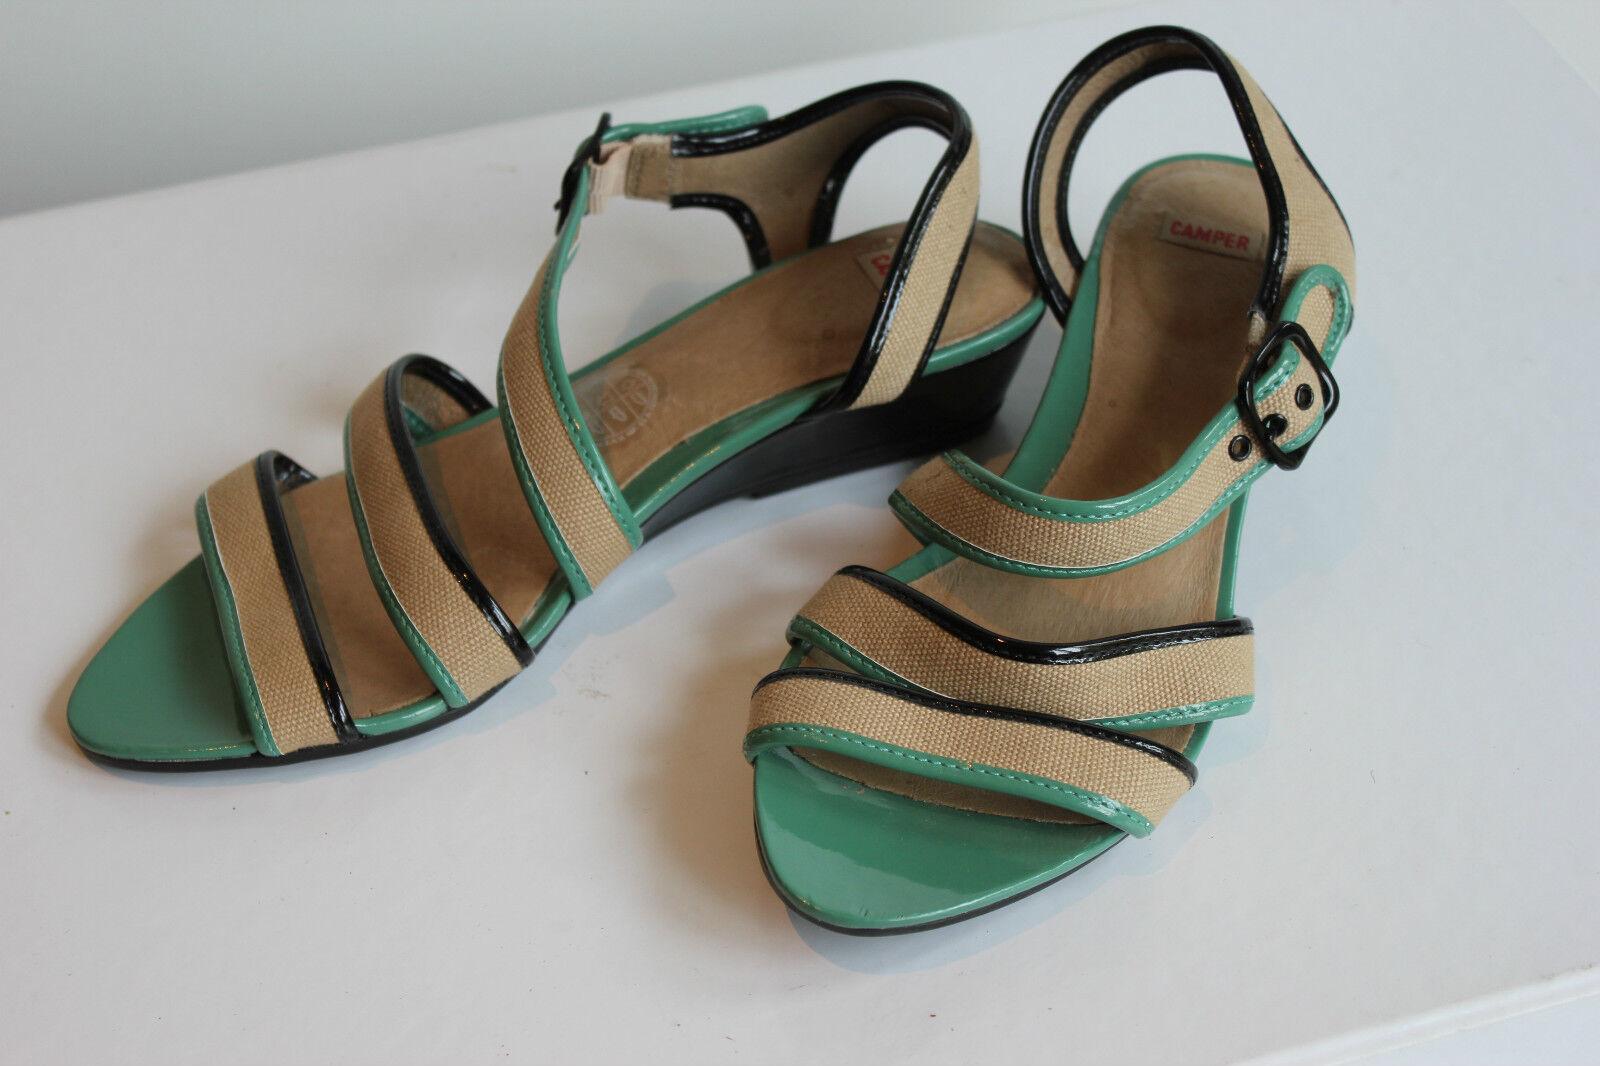 CAMPER Superschöner Beige+Grün Wedge Sandale, Gr. 38, Wie Neu